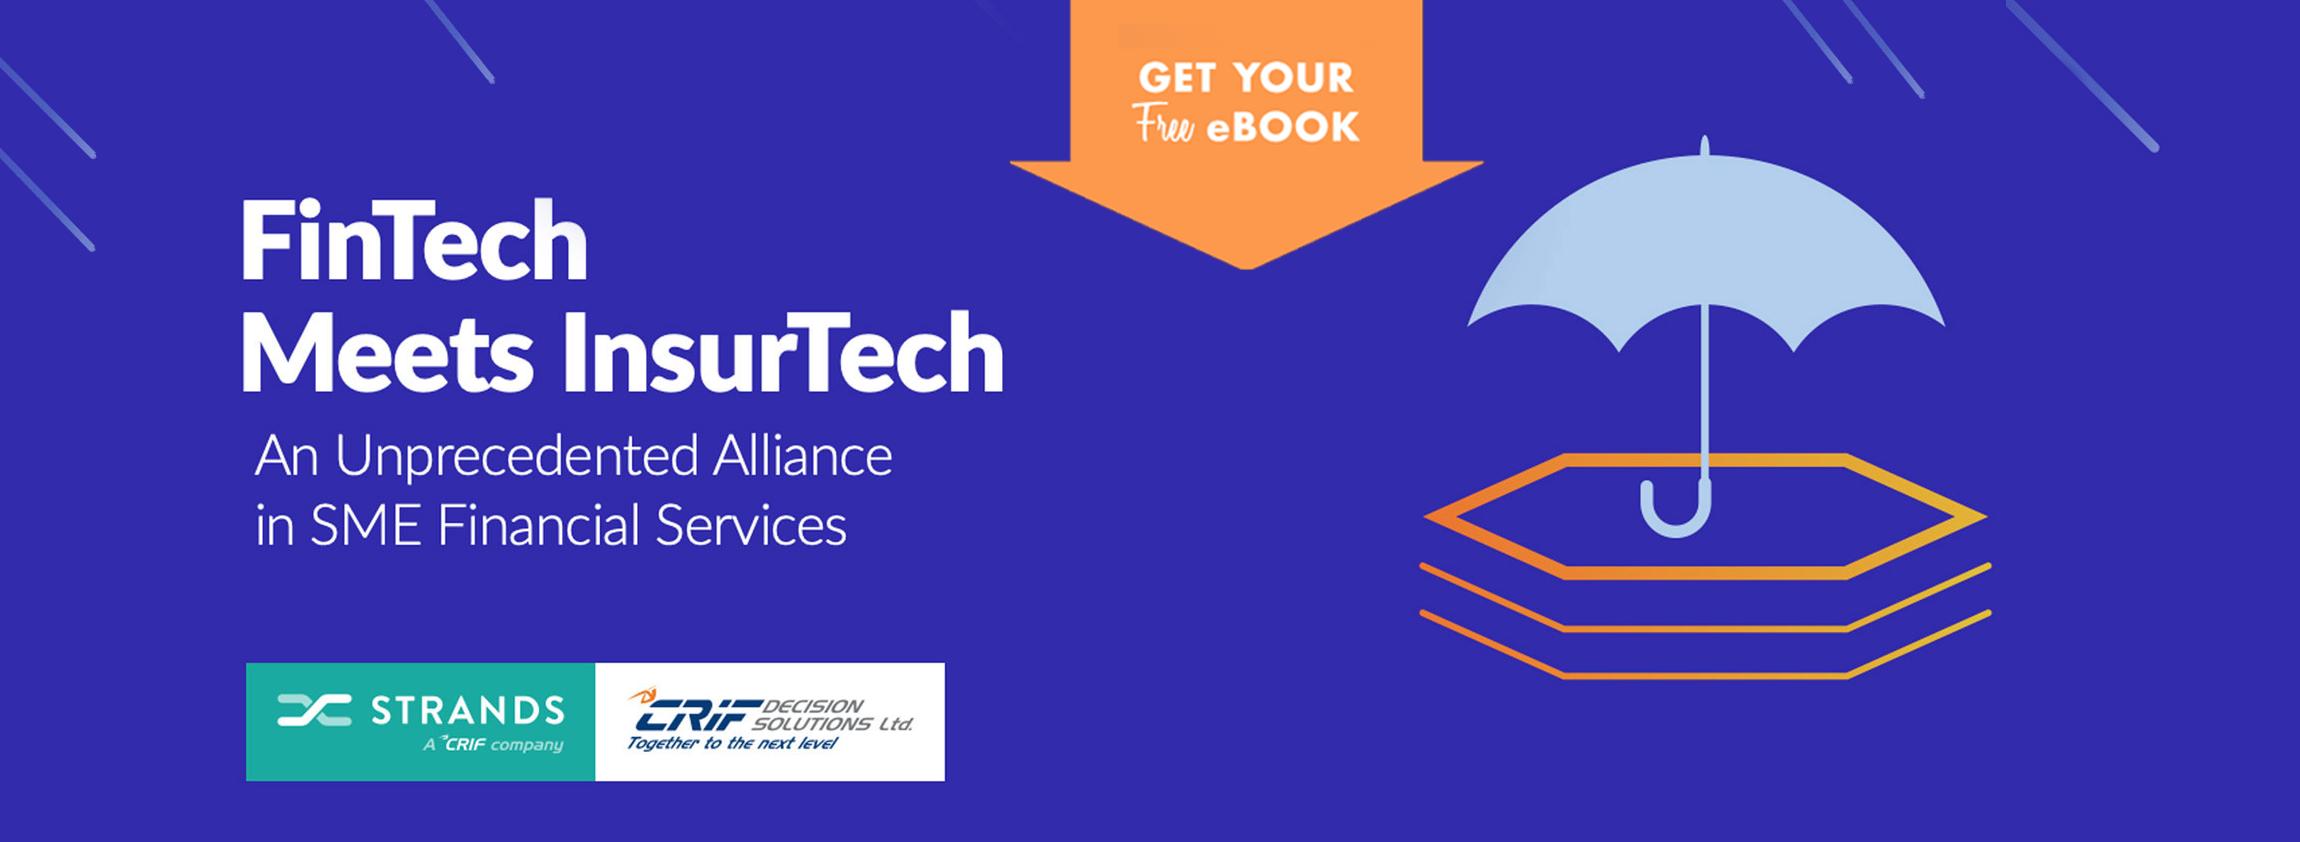 e-book-FinTech-Meets-InsurTech_landing2-1